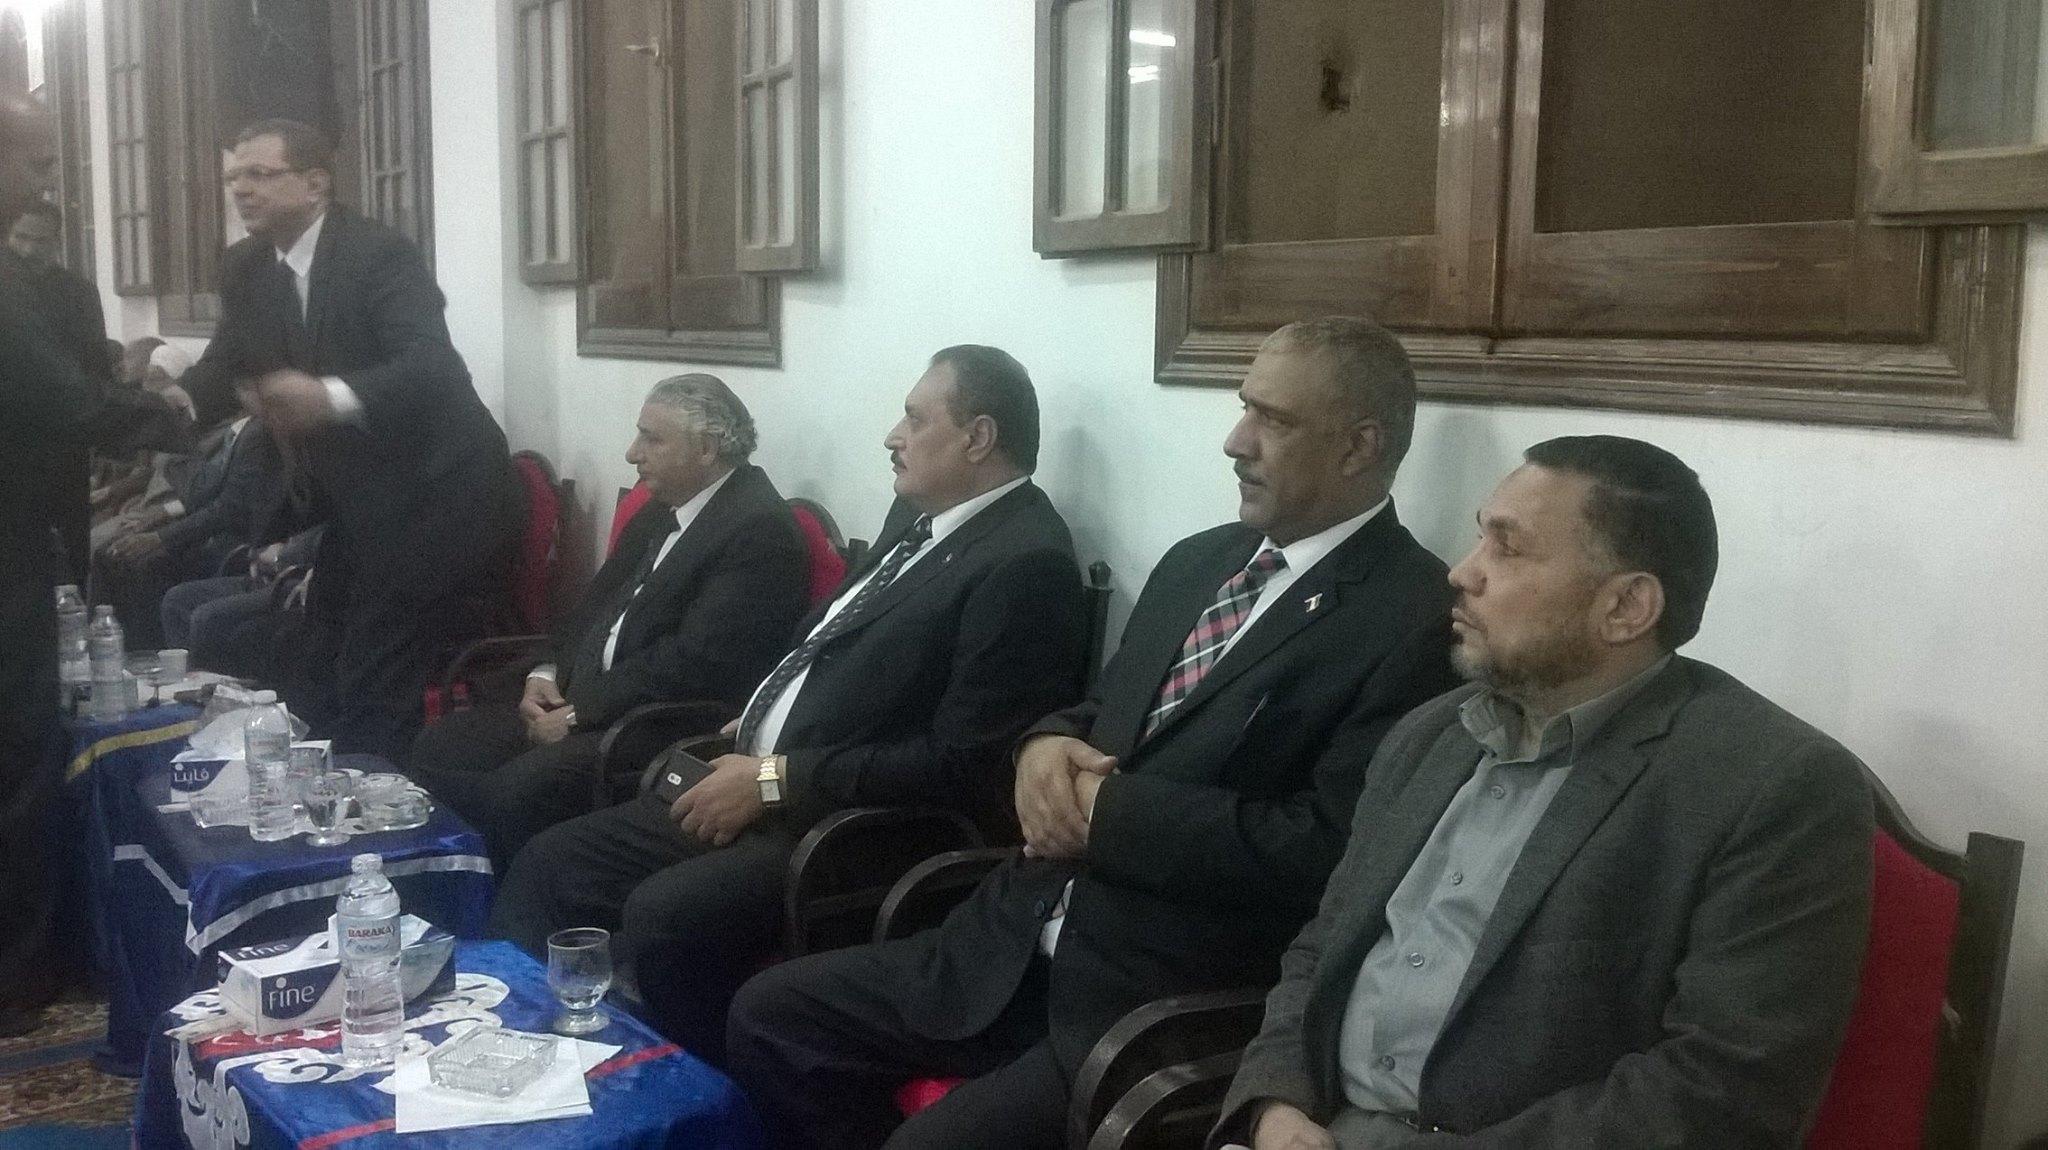 صورة وكيل وزارة القوى العاملة بالشرقية يقدم واجب العزاء في وفاة والد الوزير